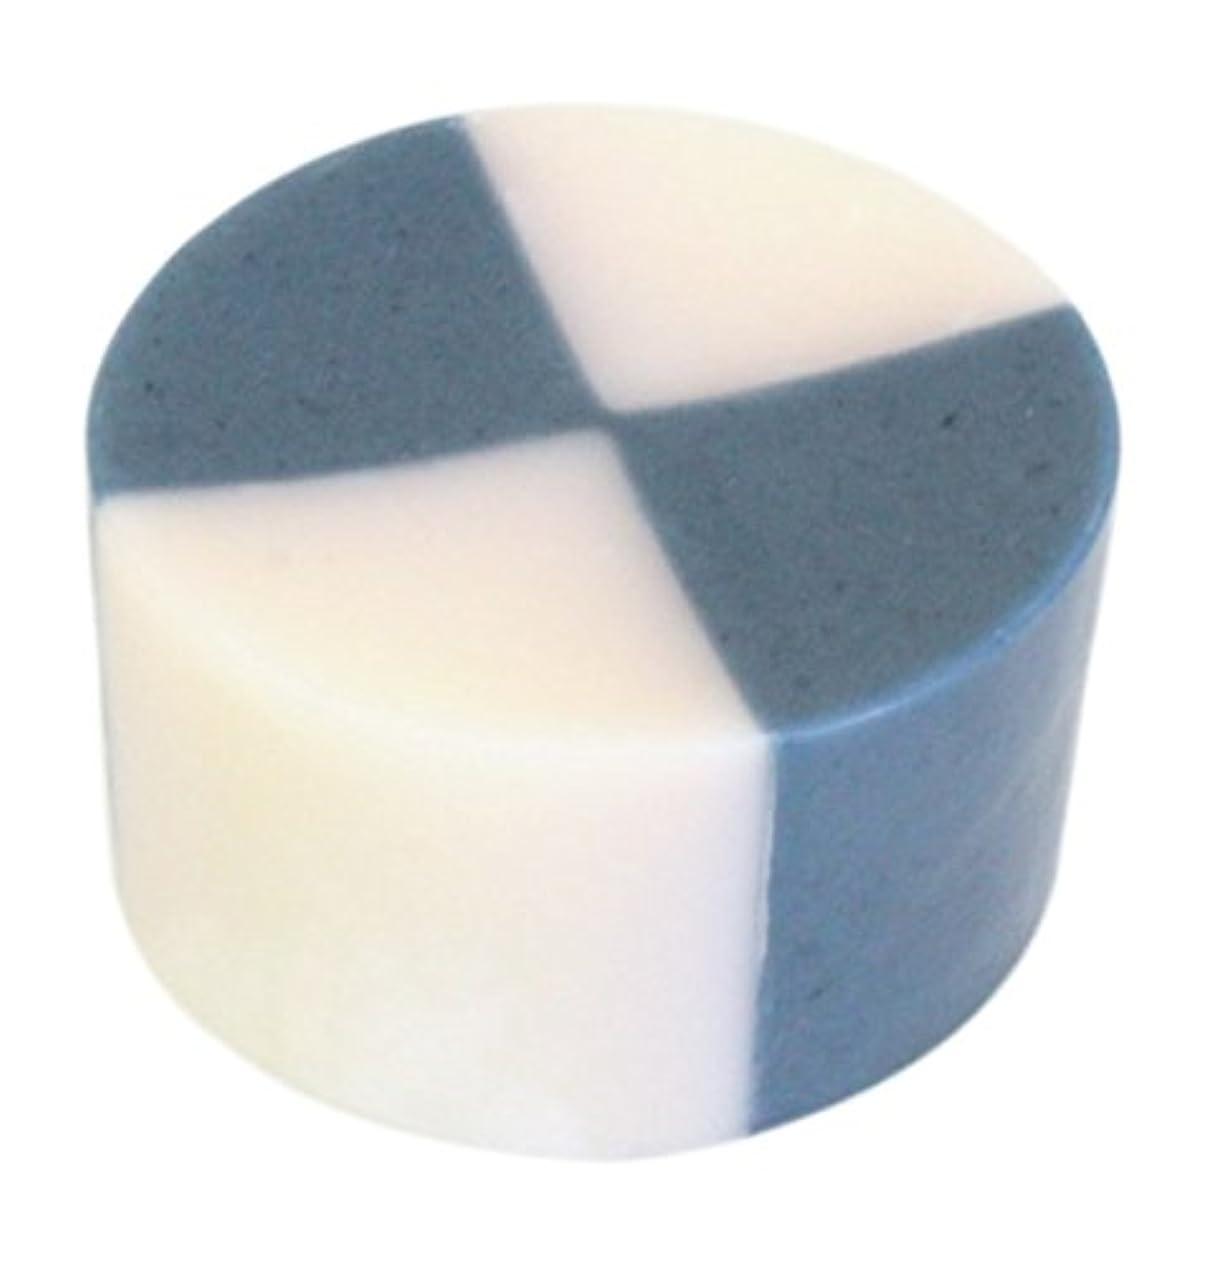 回転させるデジタル提供された藍色工房 藍染め石けん「いちまつ」(60g)